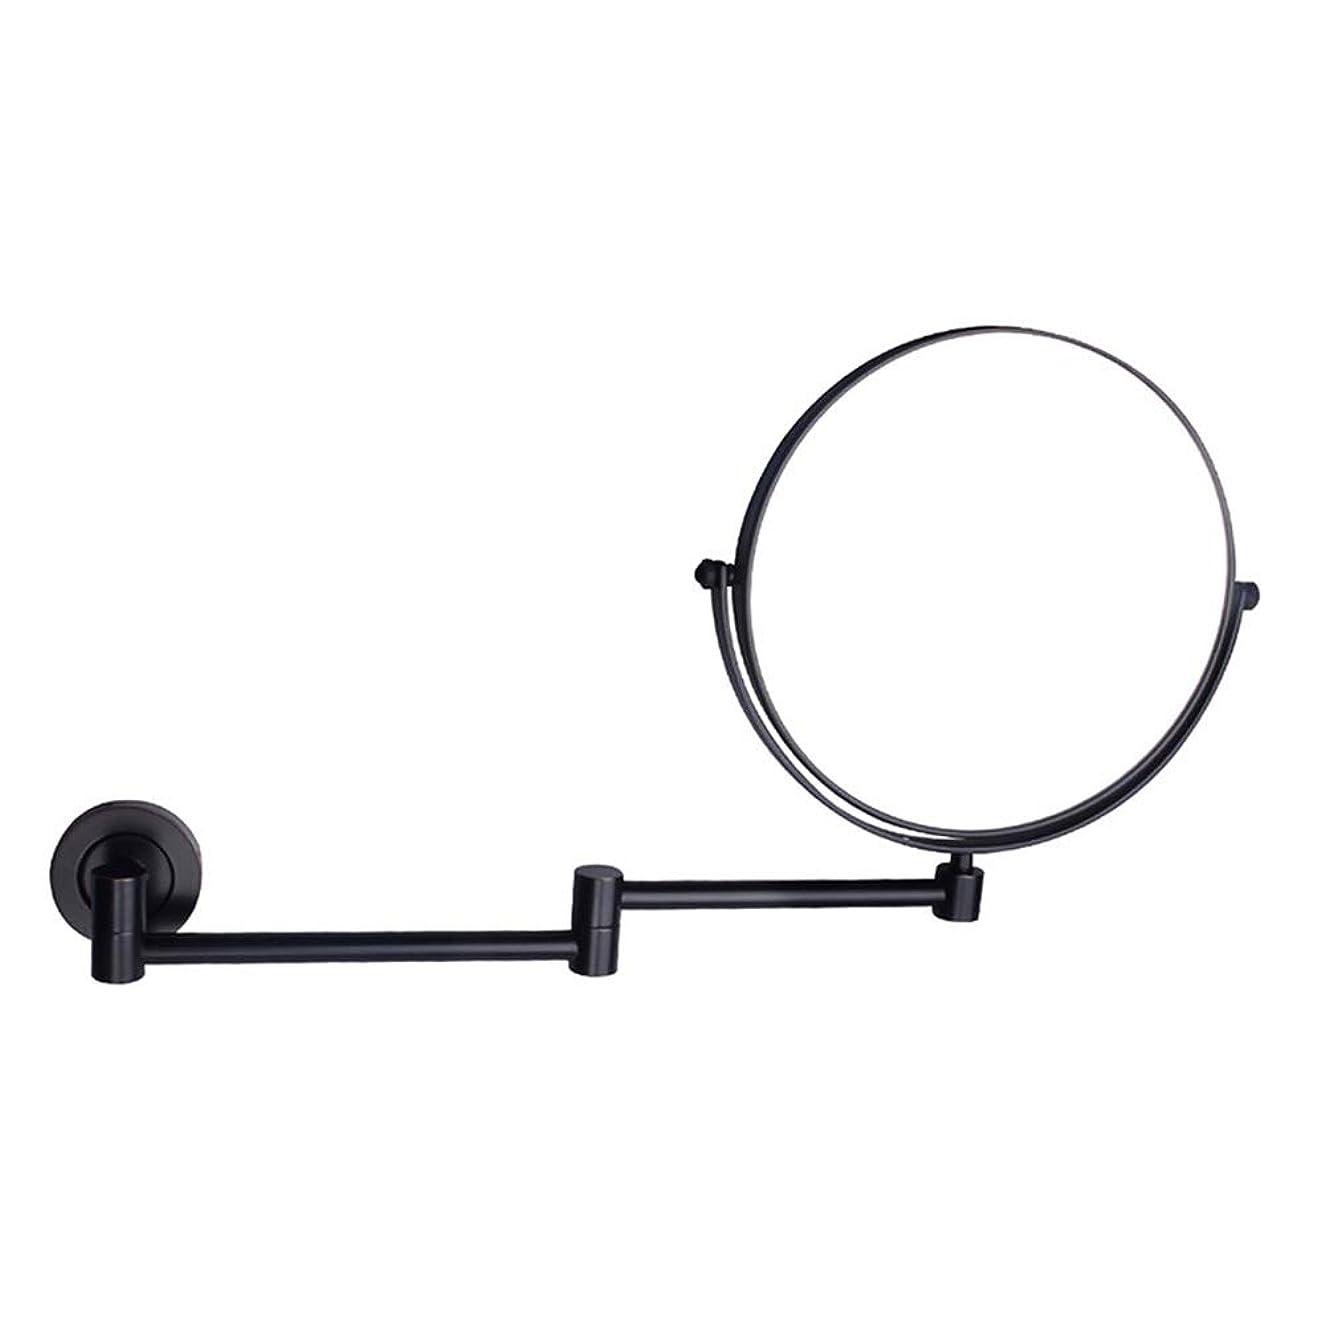 意味何十人もナット化粧鏡バスルーム 8インチ化粧鏡格納式銅折りたたみ浴室壁掛け美容鏡5倍虫眼鏡360度回転虚栄心ミラー 照明付きメイクアップミラー (色 : ブラック, サイズ さいず : 8 inches 5X)